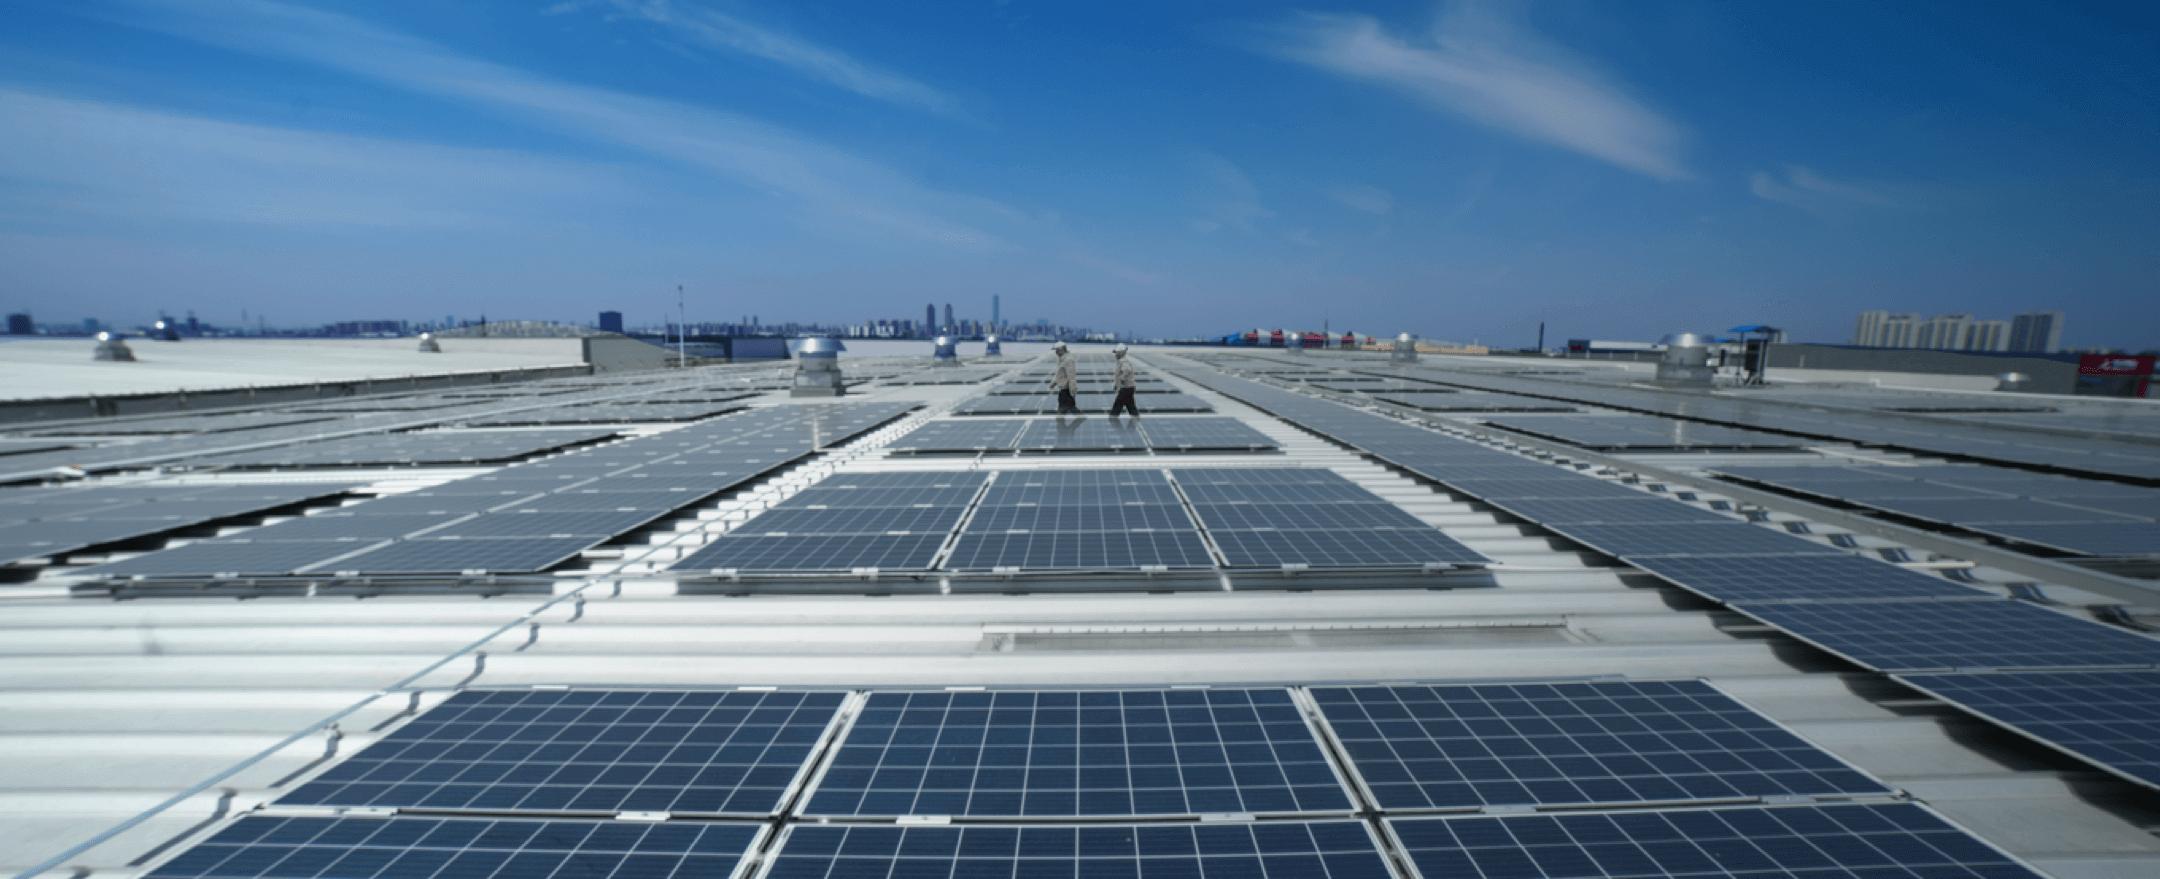 新能源基础设施|智能物流仓储